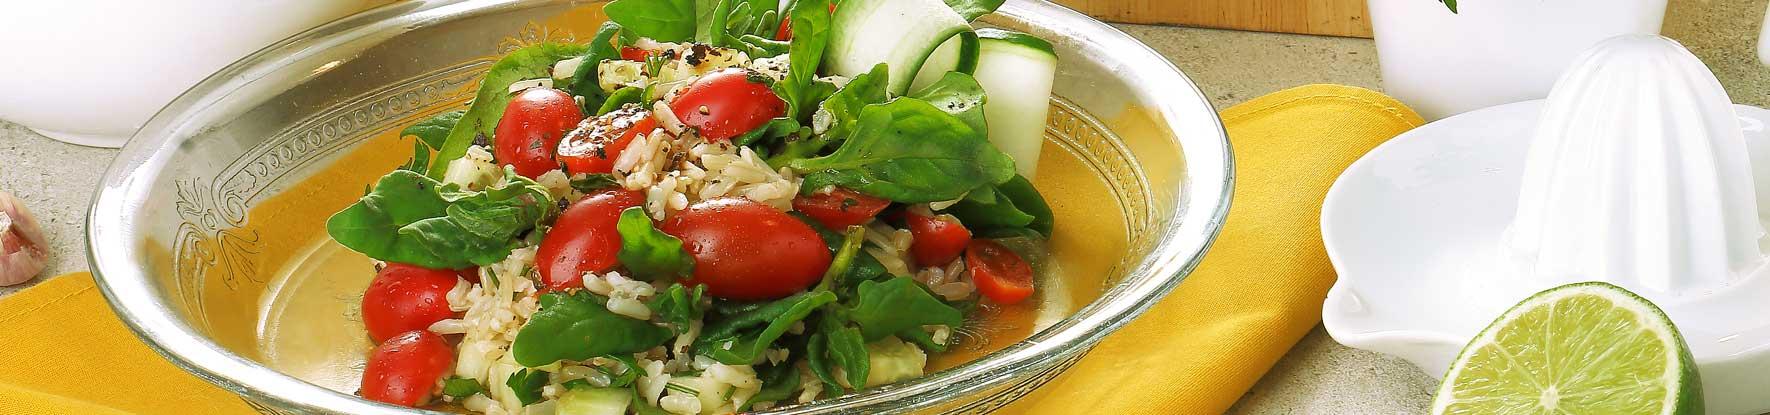 Receita: Salada de arroz integral com espinafre, visite nosso blog!